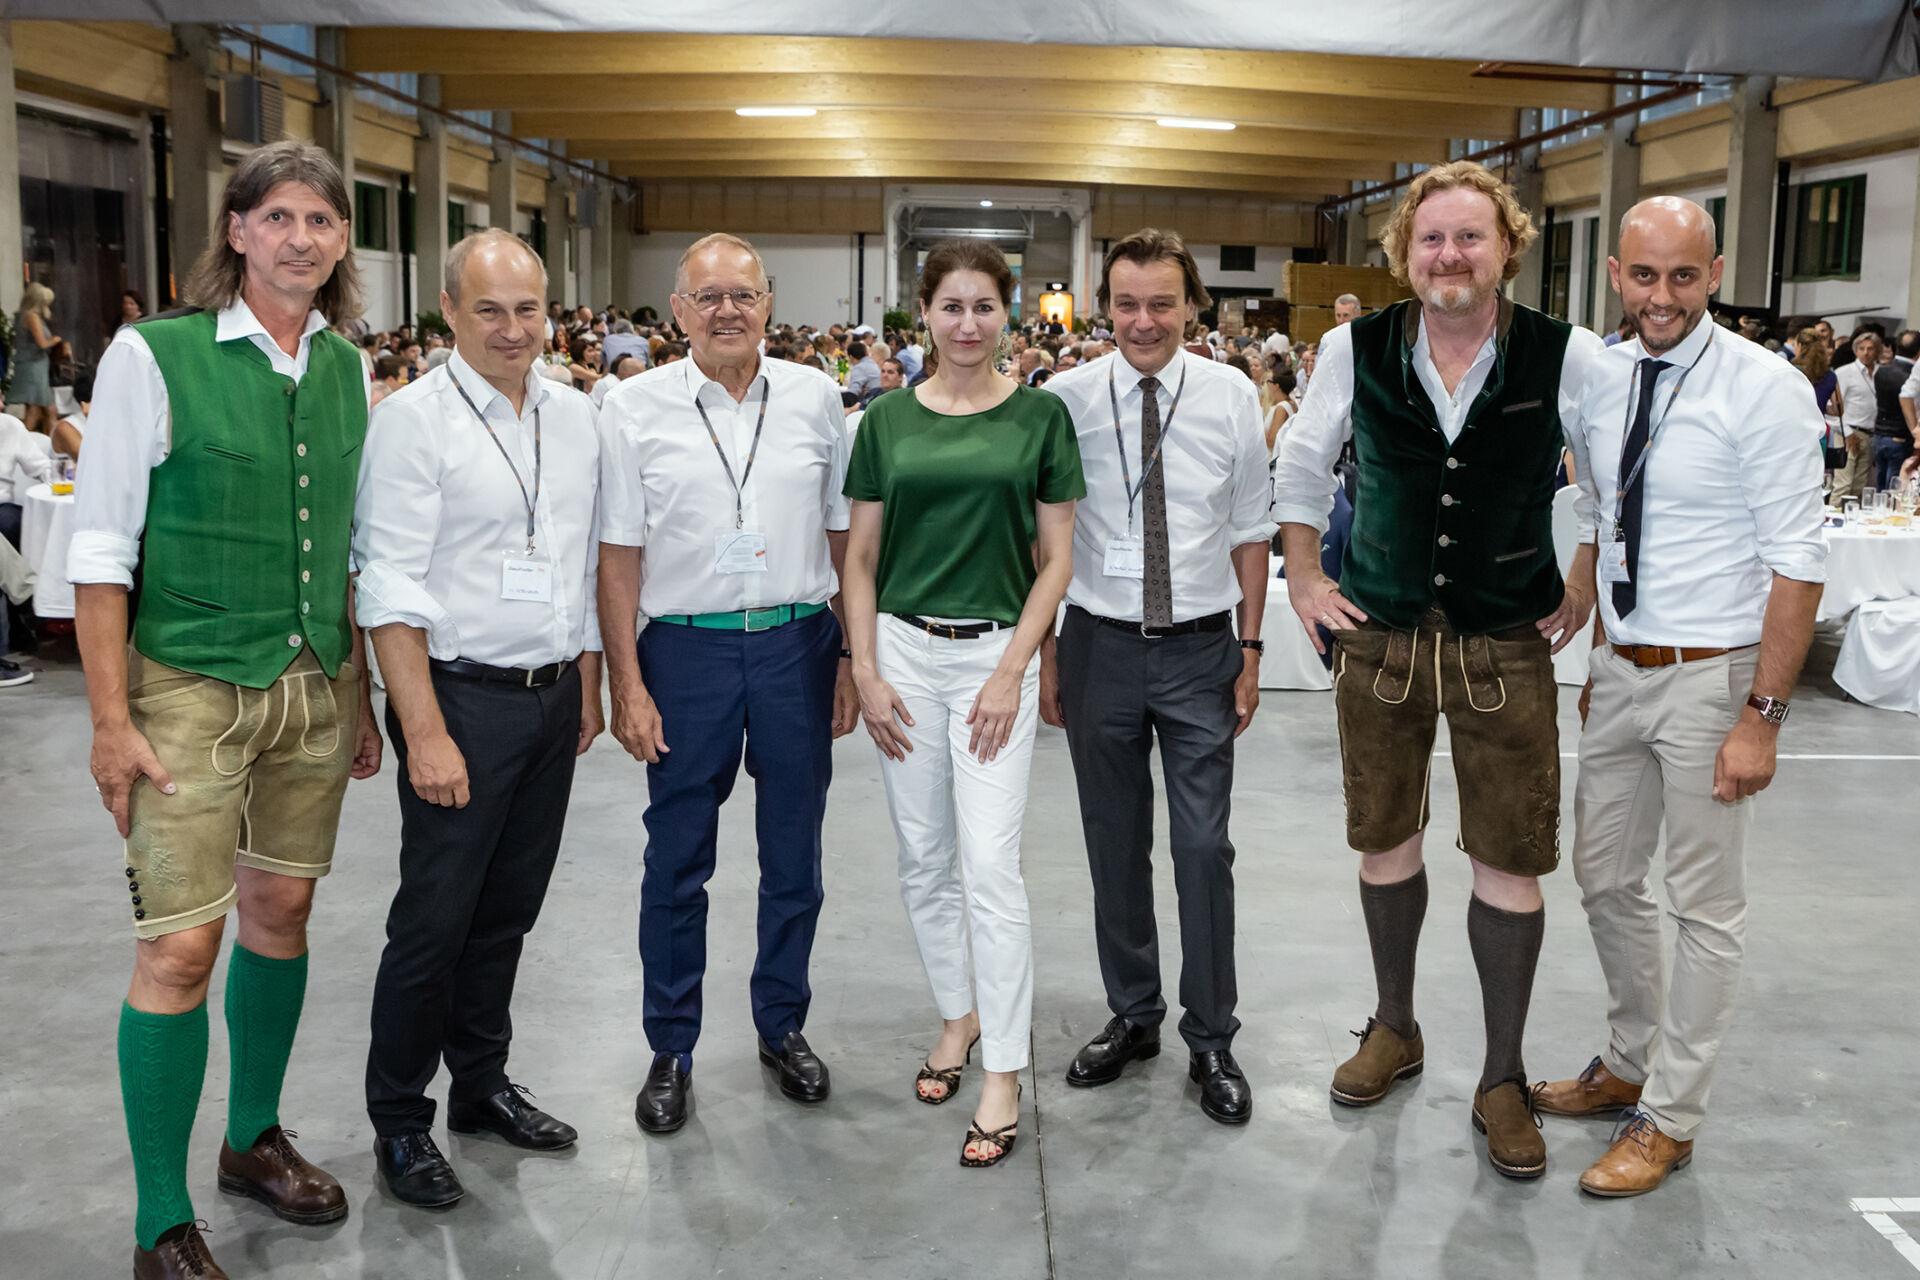 Die Ehrengäste der Jubiläumsfeier von Gaulhofer stehen im Halbkreis zusammen